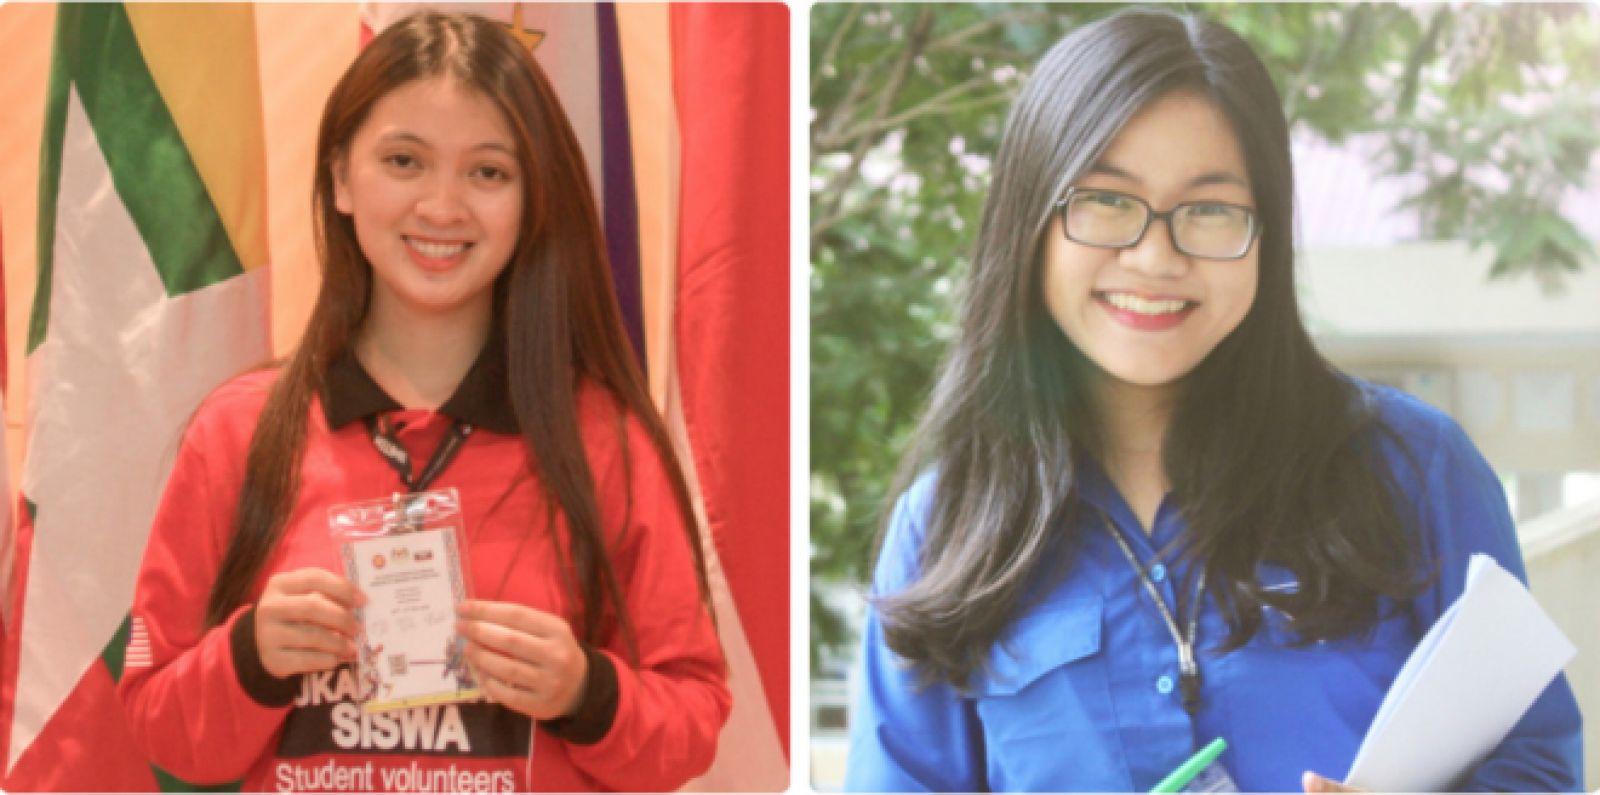 Từ trái qua: Tình và Nhi - hai thành viên của dự án tại Việt Nam. Ảnh: NVCC.